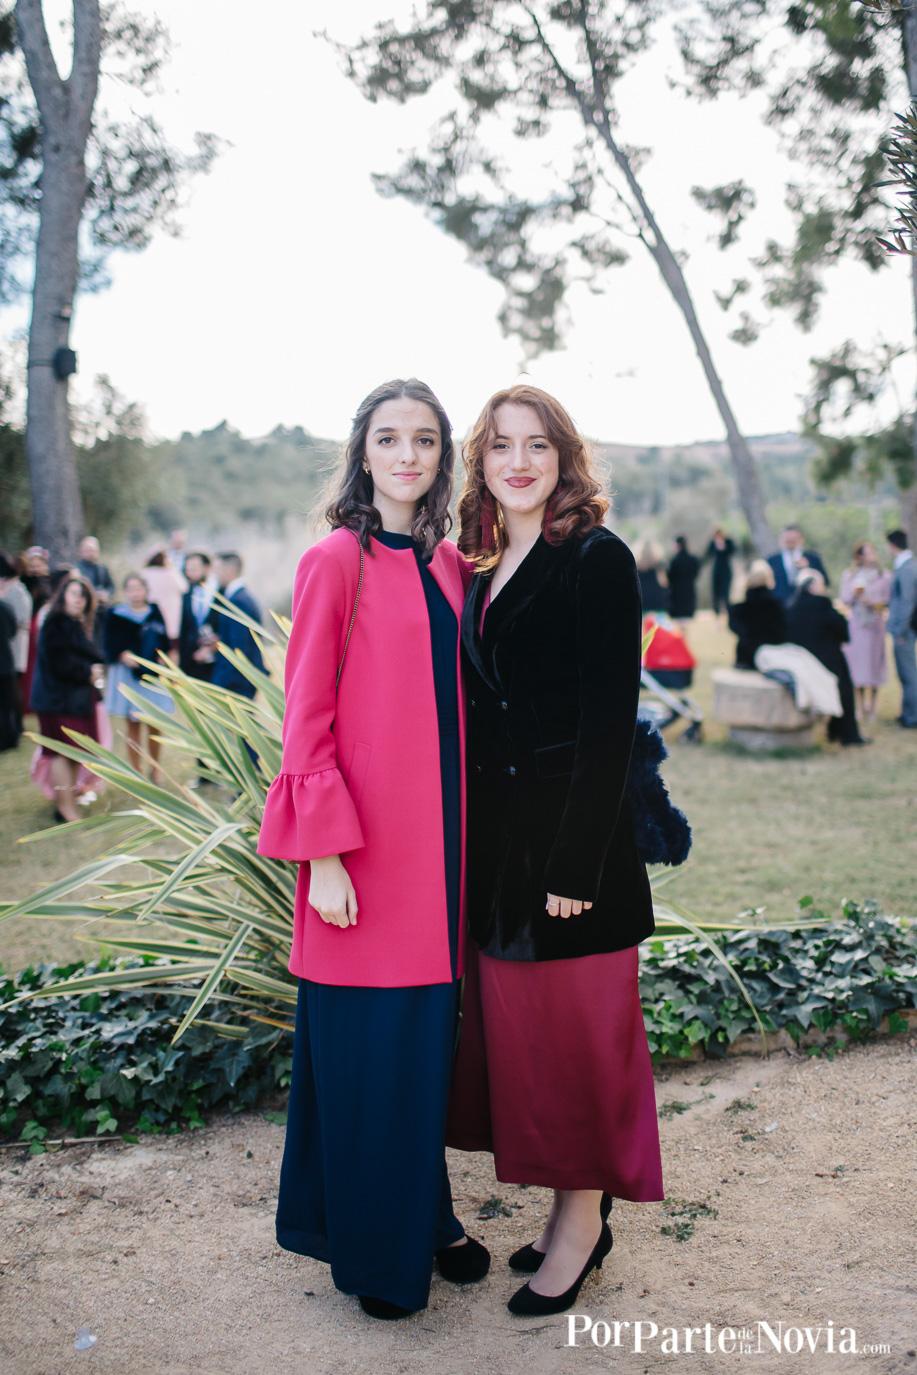 Maria y Jaime 1276 web.jpg